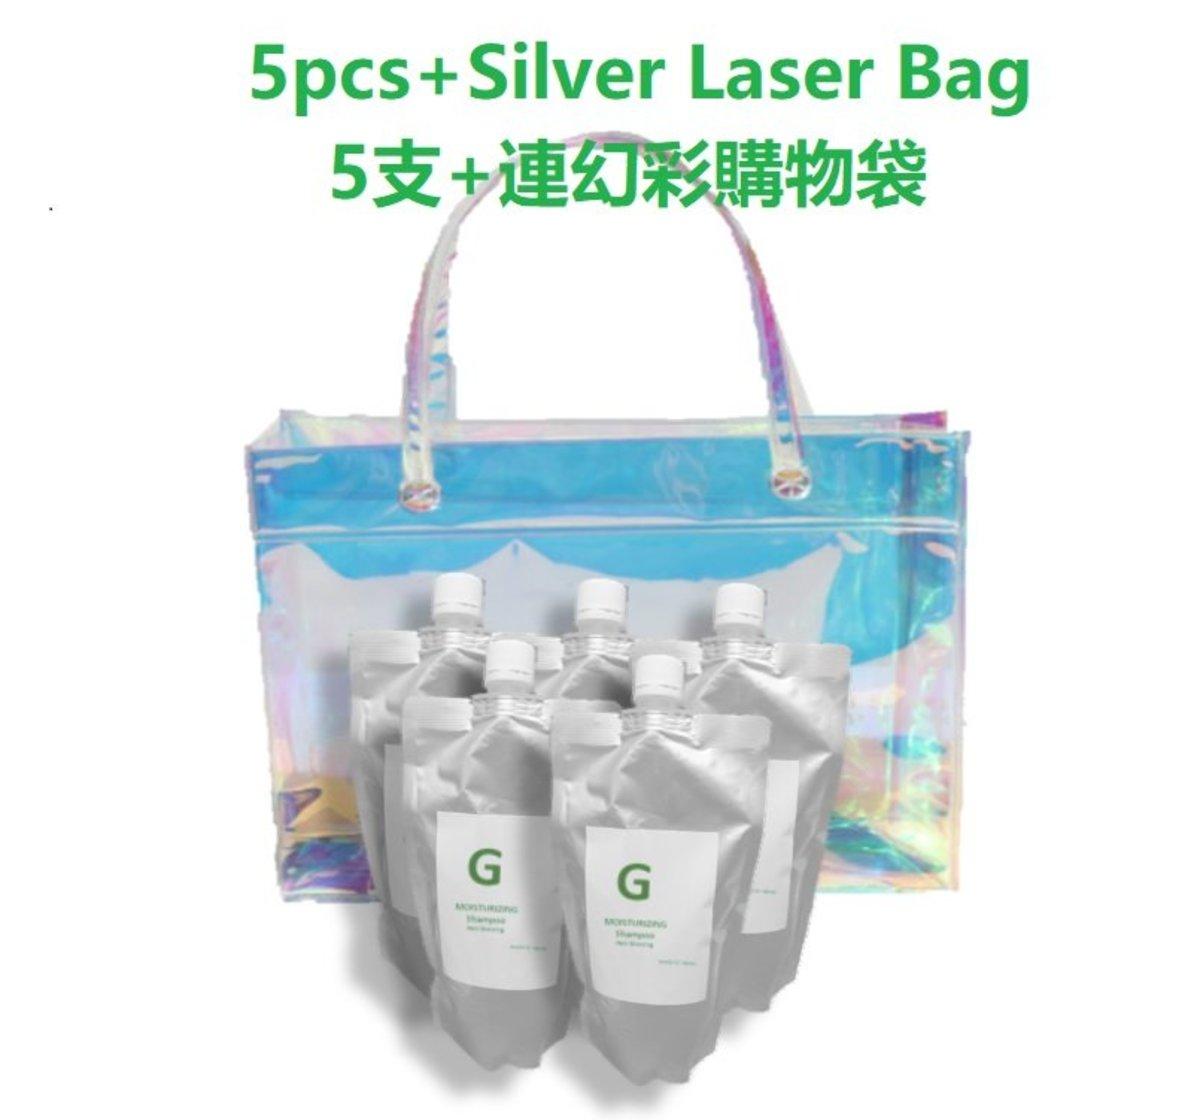 生髮洗頭水 5支+送幻彩購物袋1個【 日本 G SHAMPOO 滋潤配方】